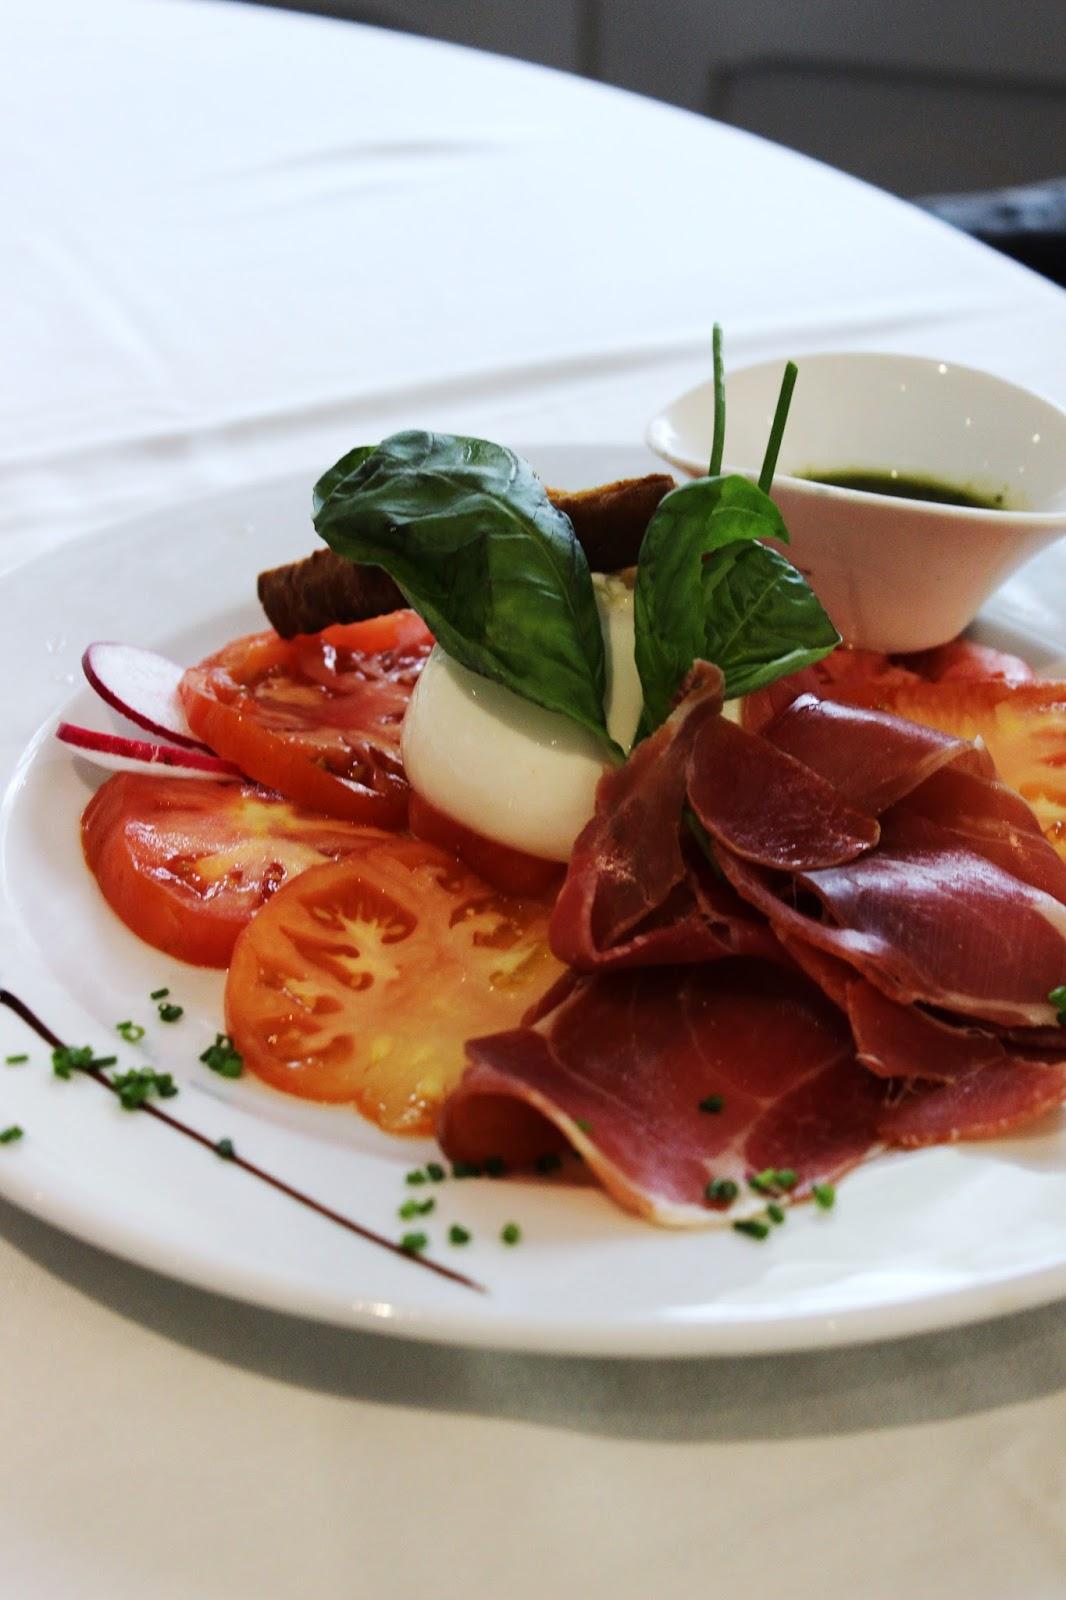 salade-burrata-jambon-cru-terrasses-country-restaurant-aix